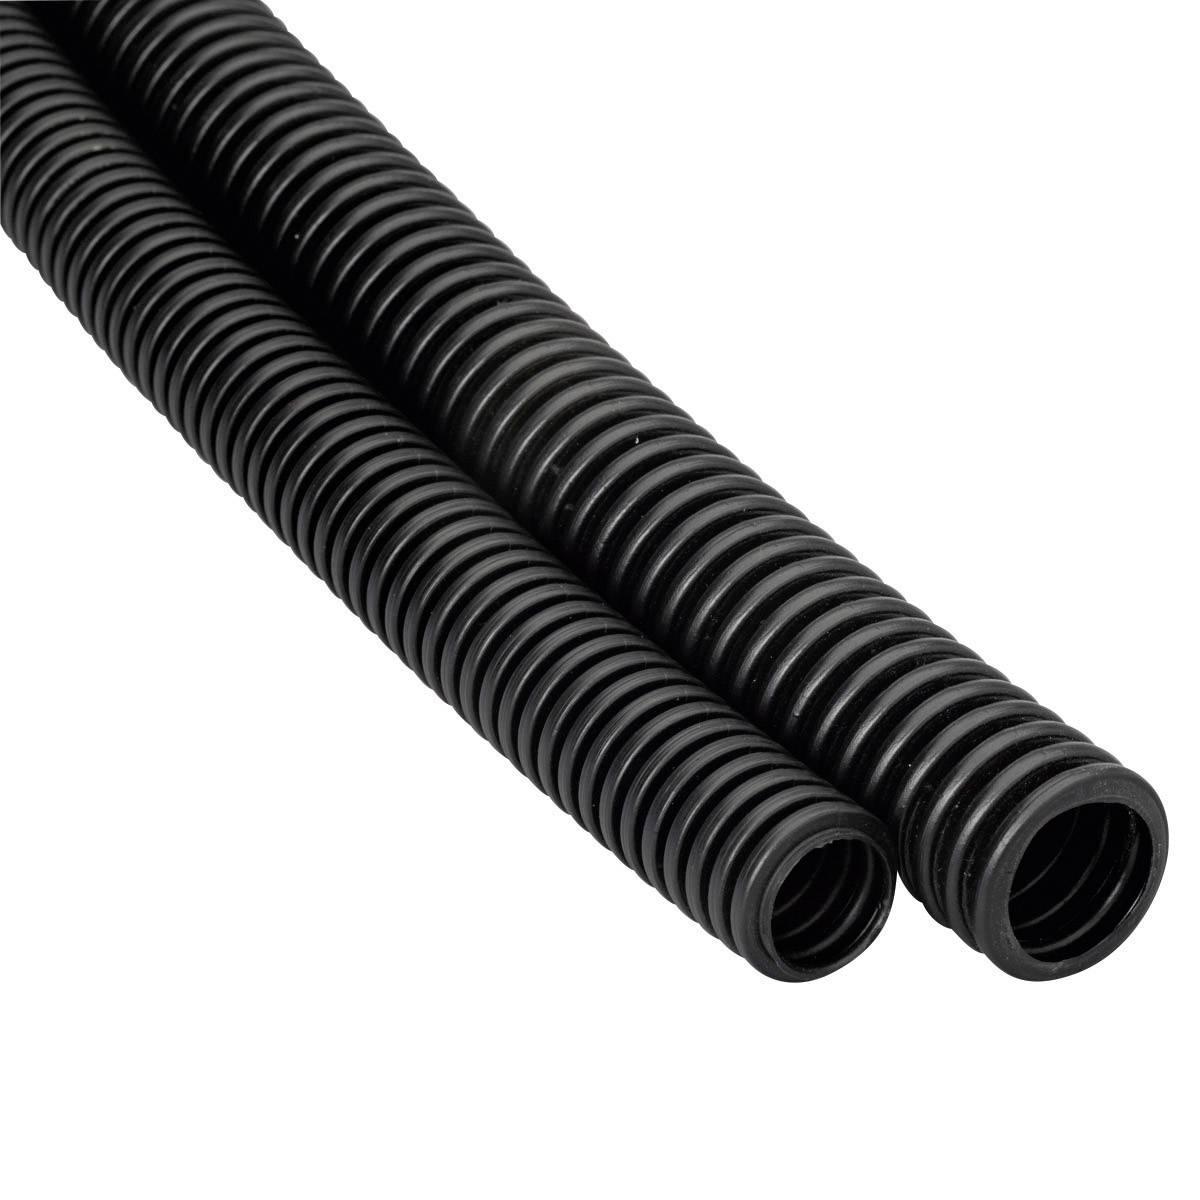 Husí krk Heidemann PE EN20, 13467, 25 m, černá